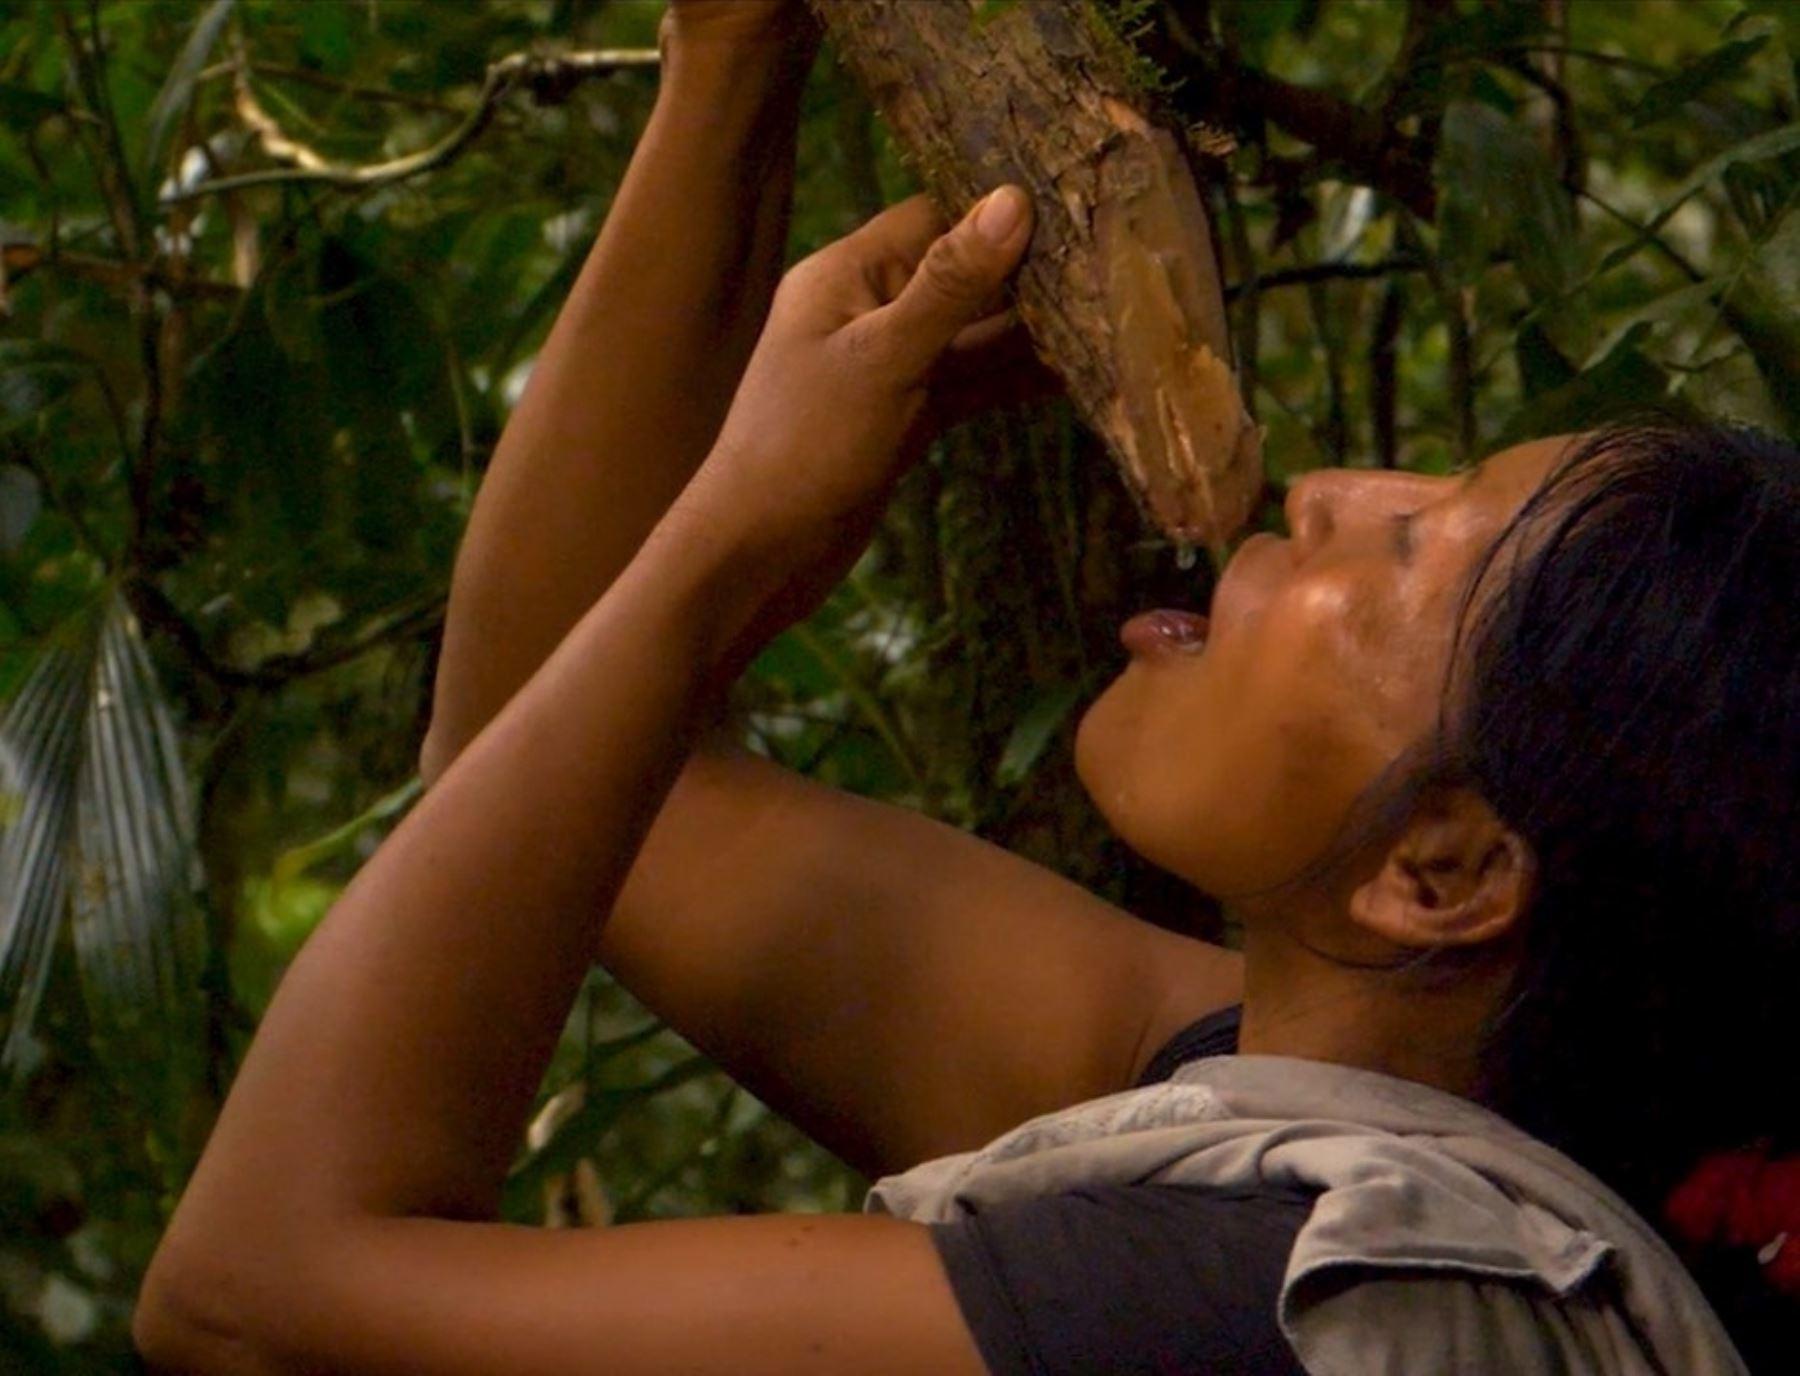 En el Día Mundial de la Vida Silvestre, que se celebrará este miércoles 3 de marzo, se resaltará la importancia de los bosques como sustento de vida de sus habitantes. ANDINA/Difusión